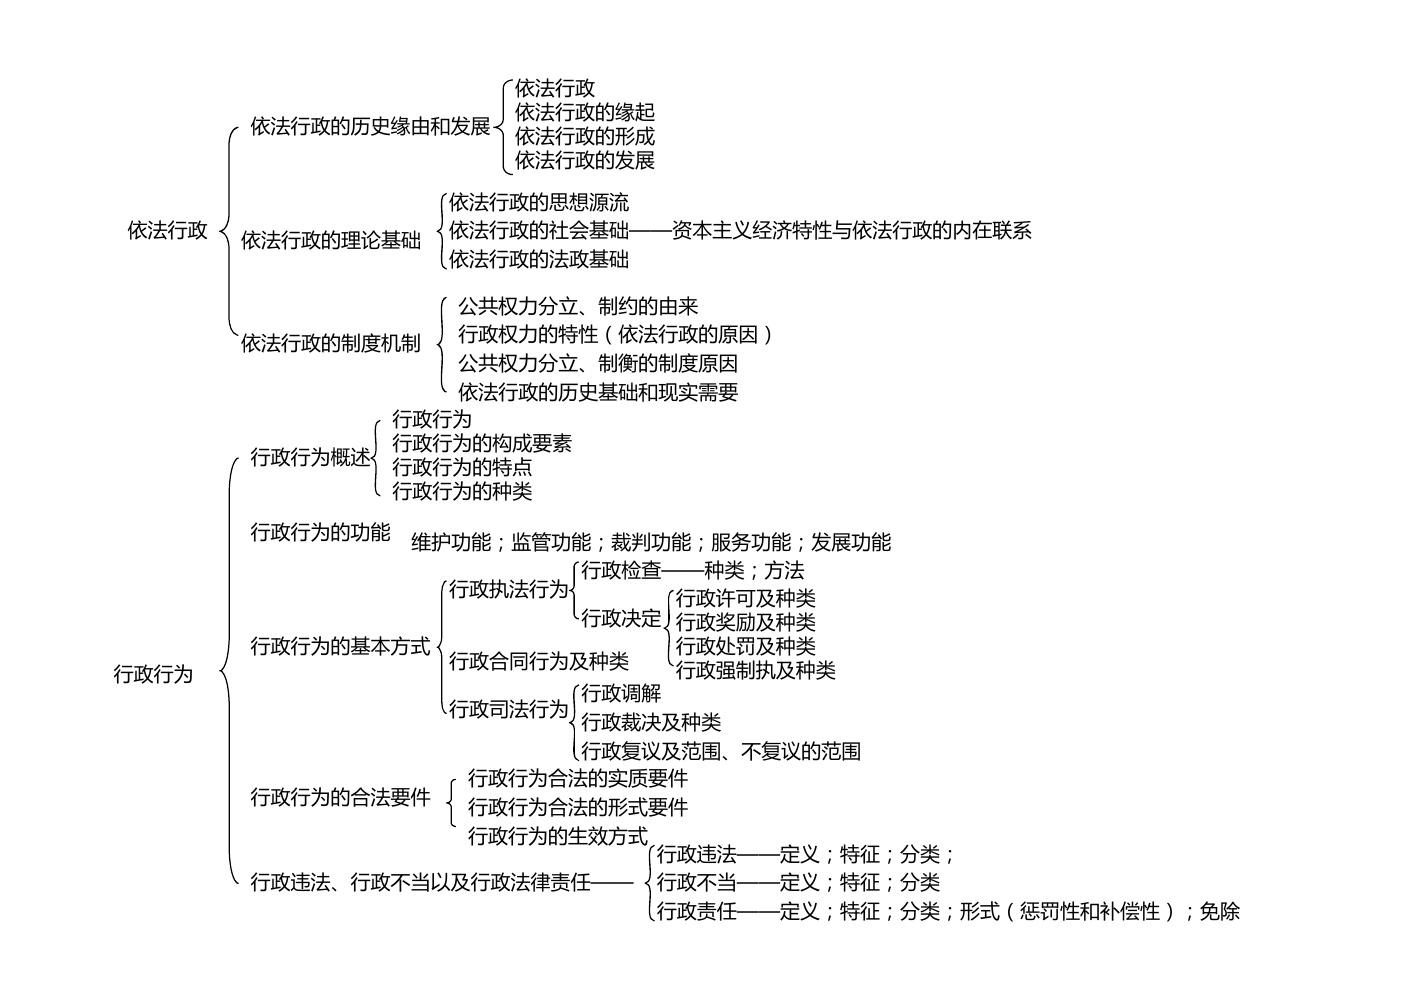 张国庆《公共行政学》(第三版)框架图